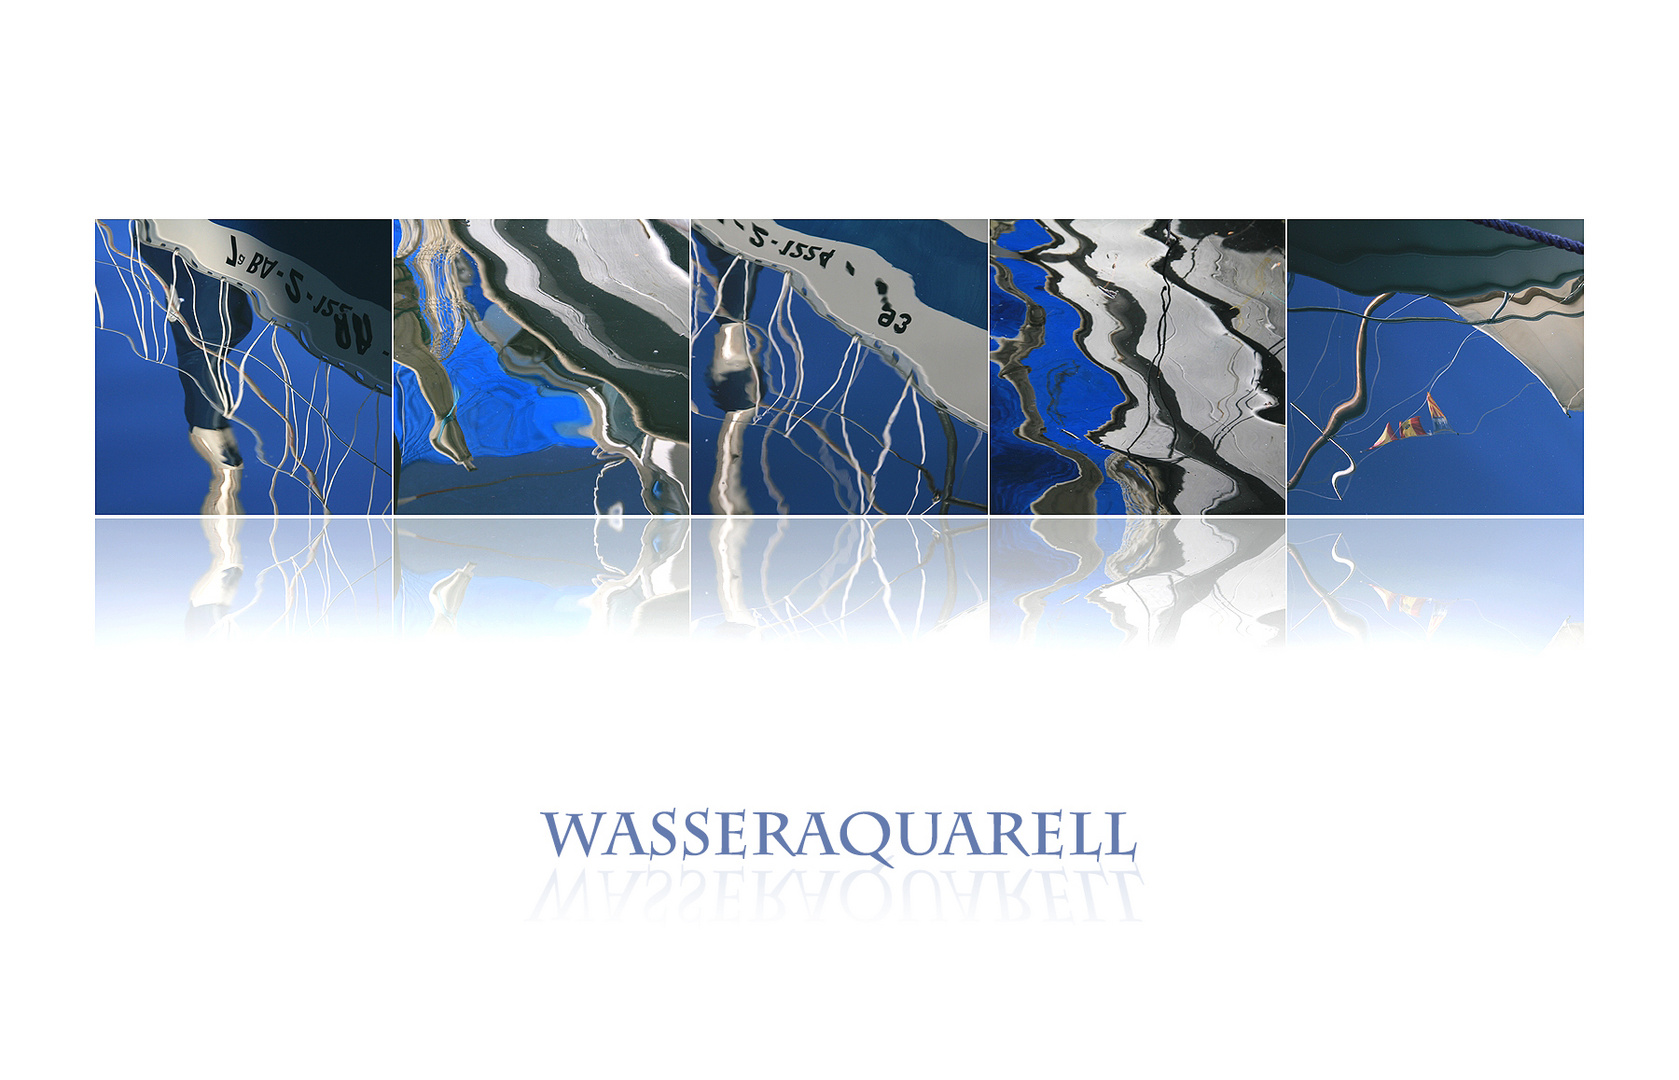 WASSERAQUARELL